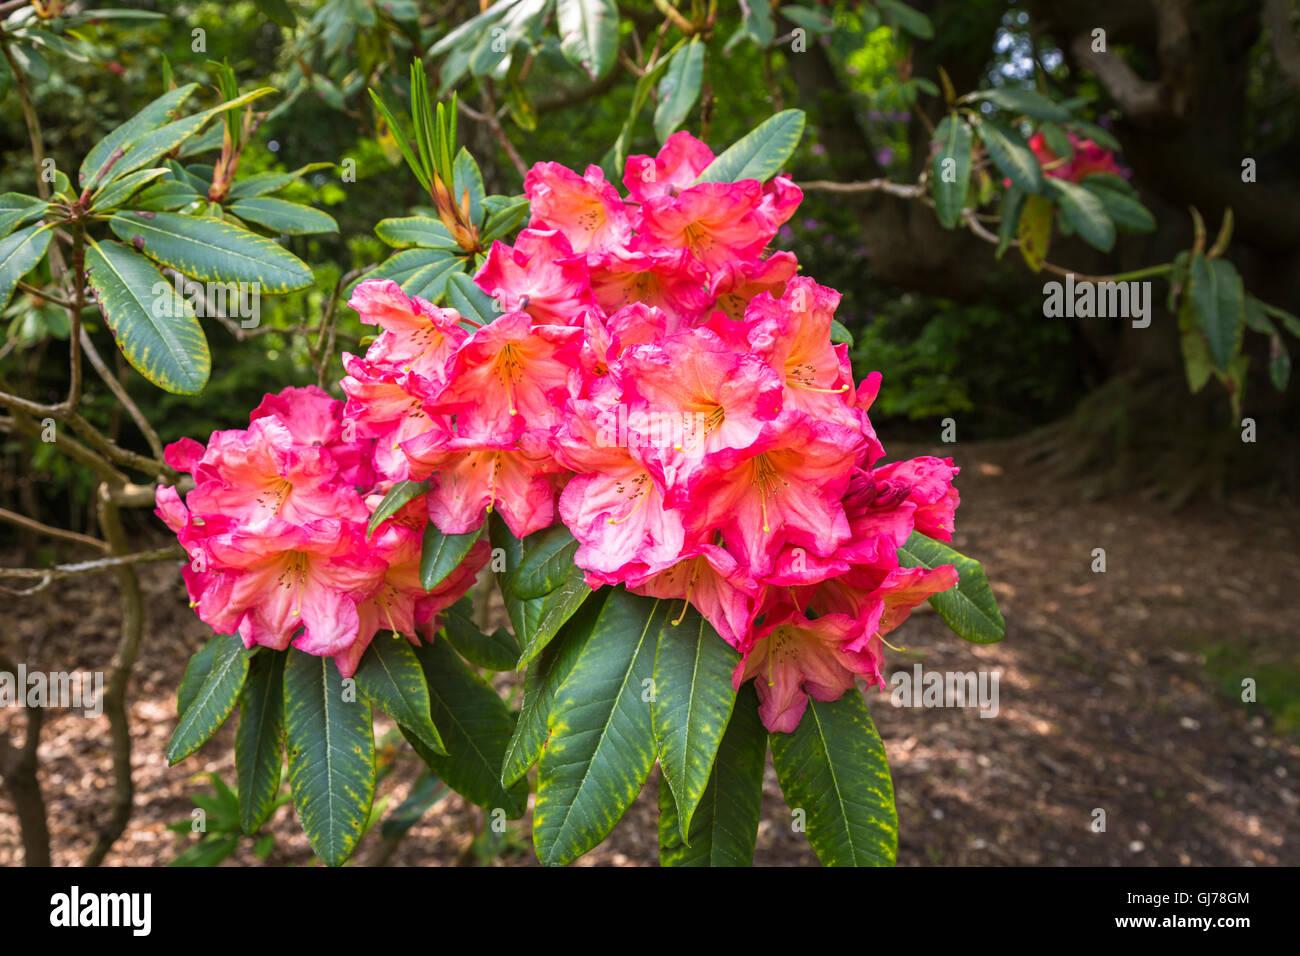 Wunderbar Osto Holz Sammlung Von Pink To Red Rhododendron